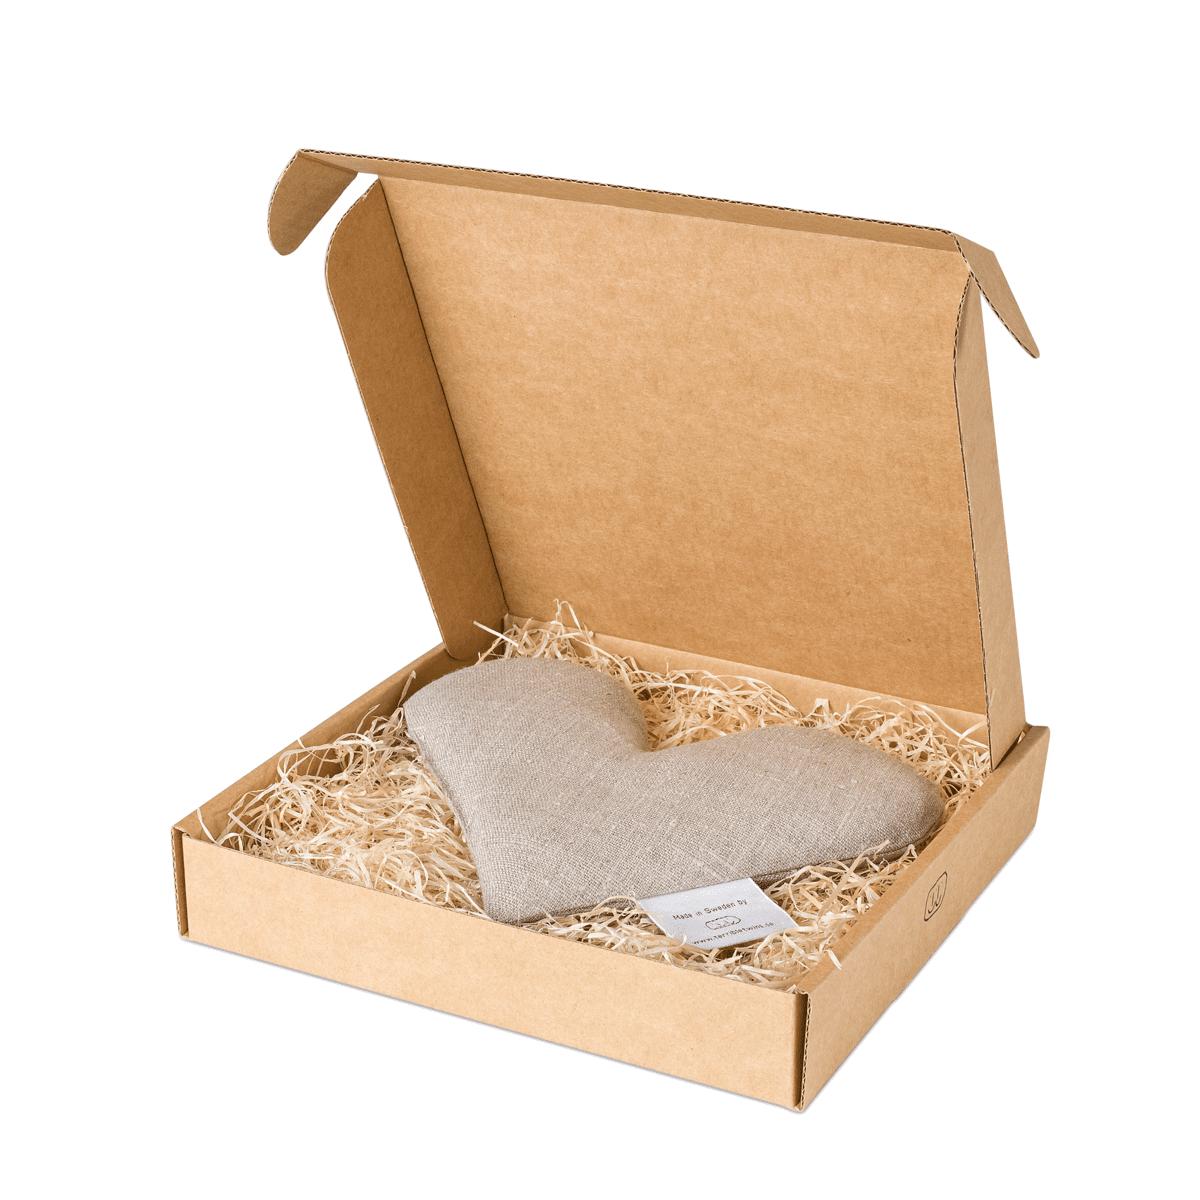 Natur sweetheart vetevärmare i förpackning